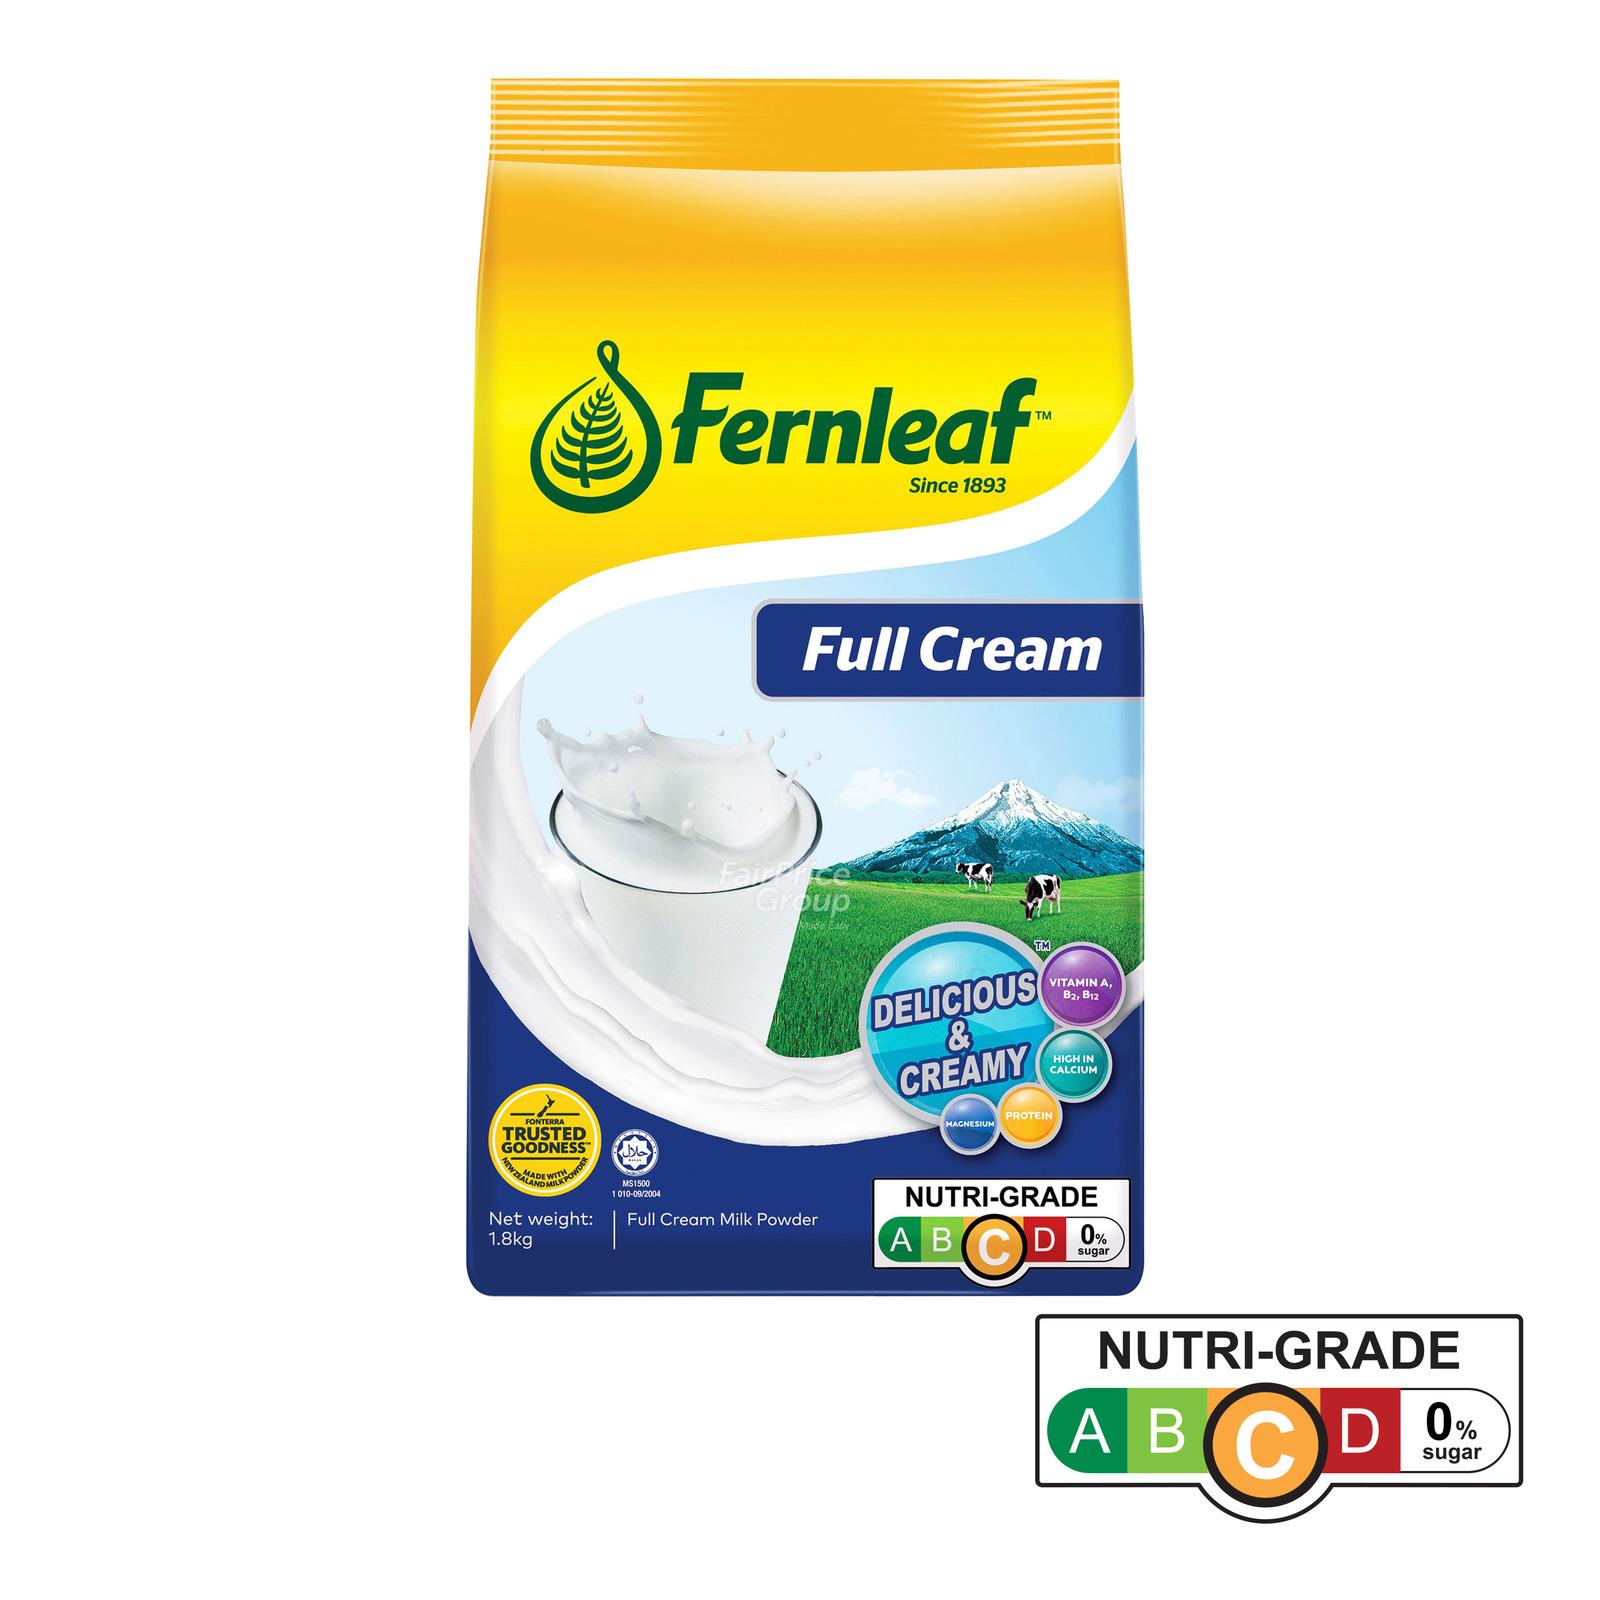 Fernleaf Milk Powder - Full Cream